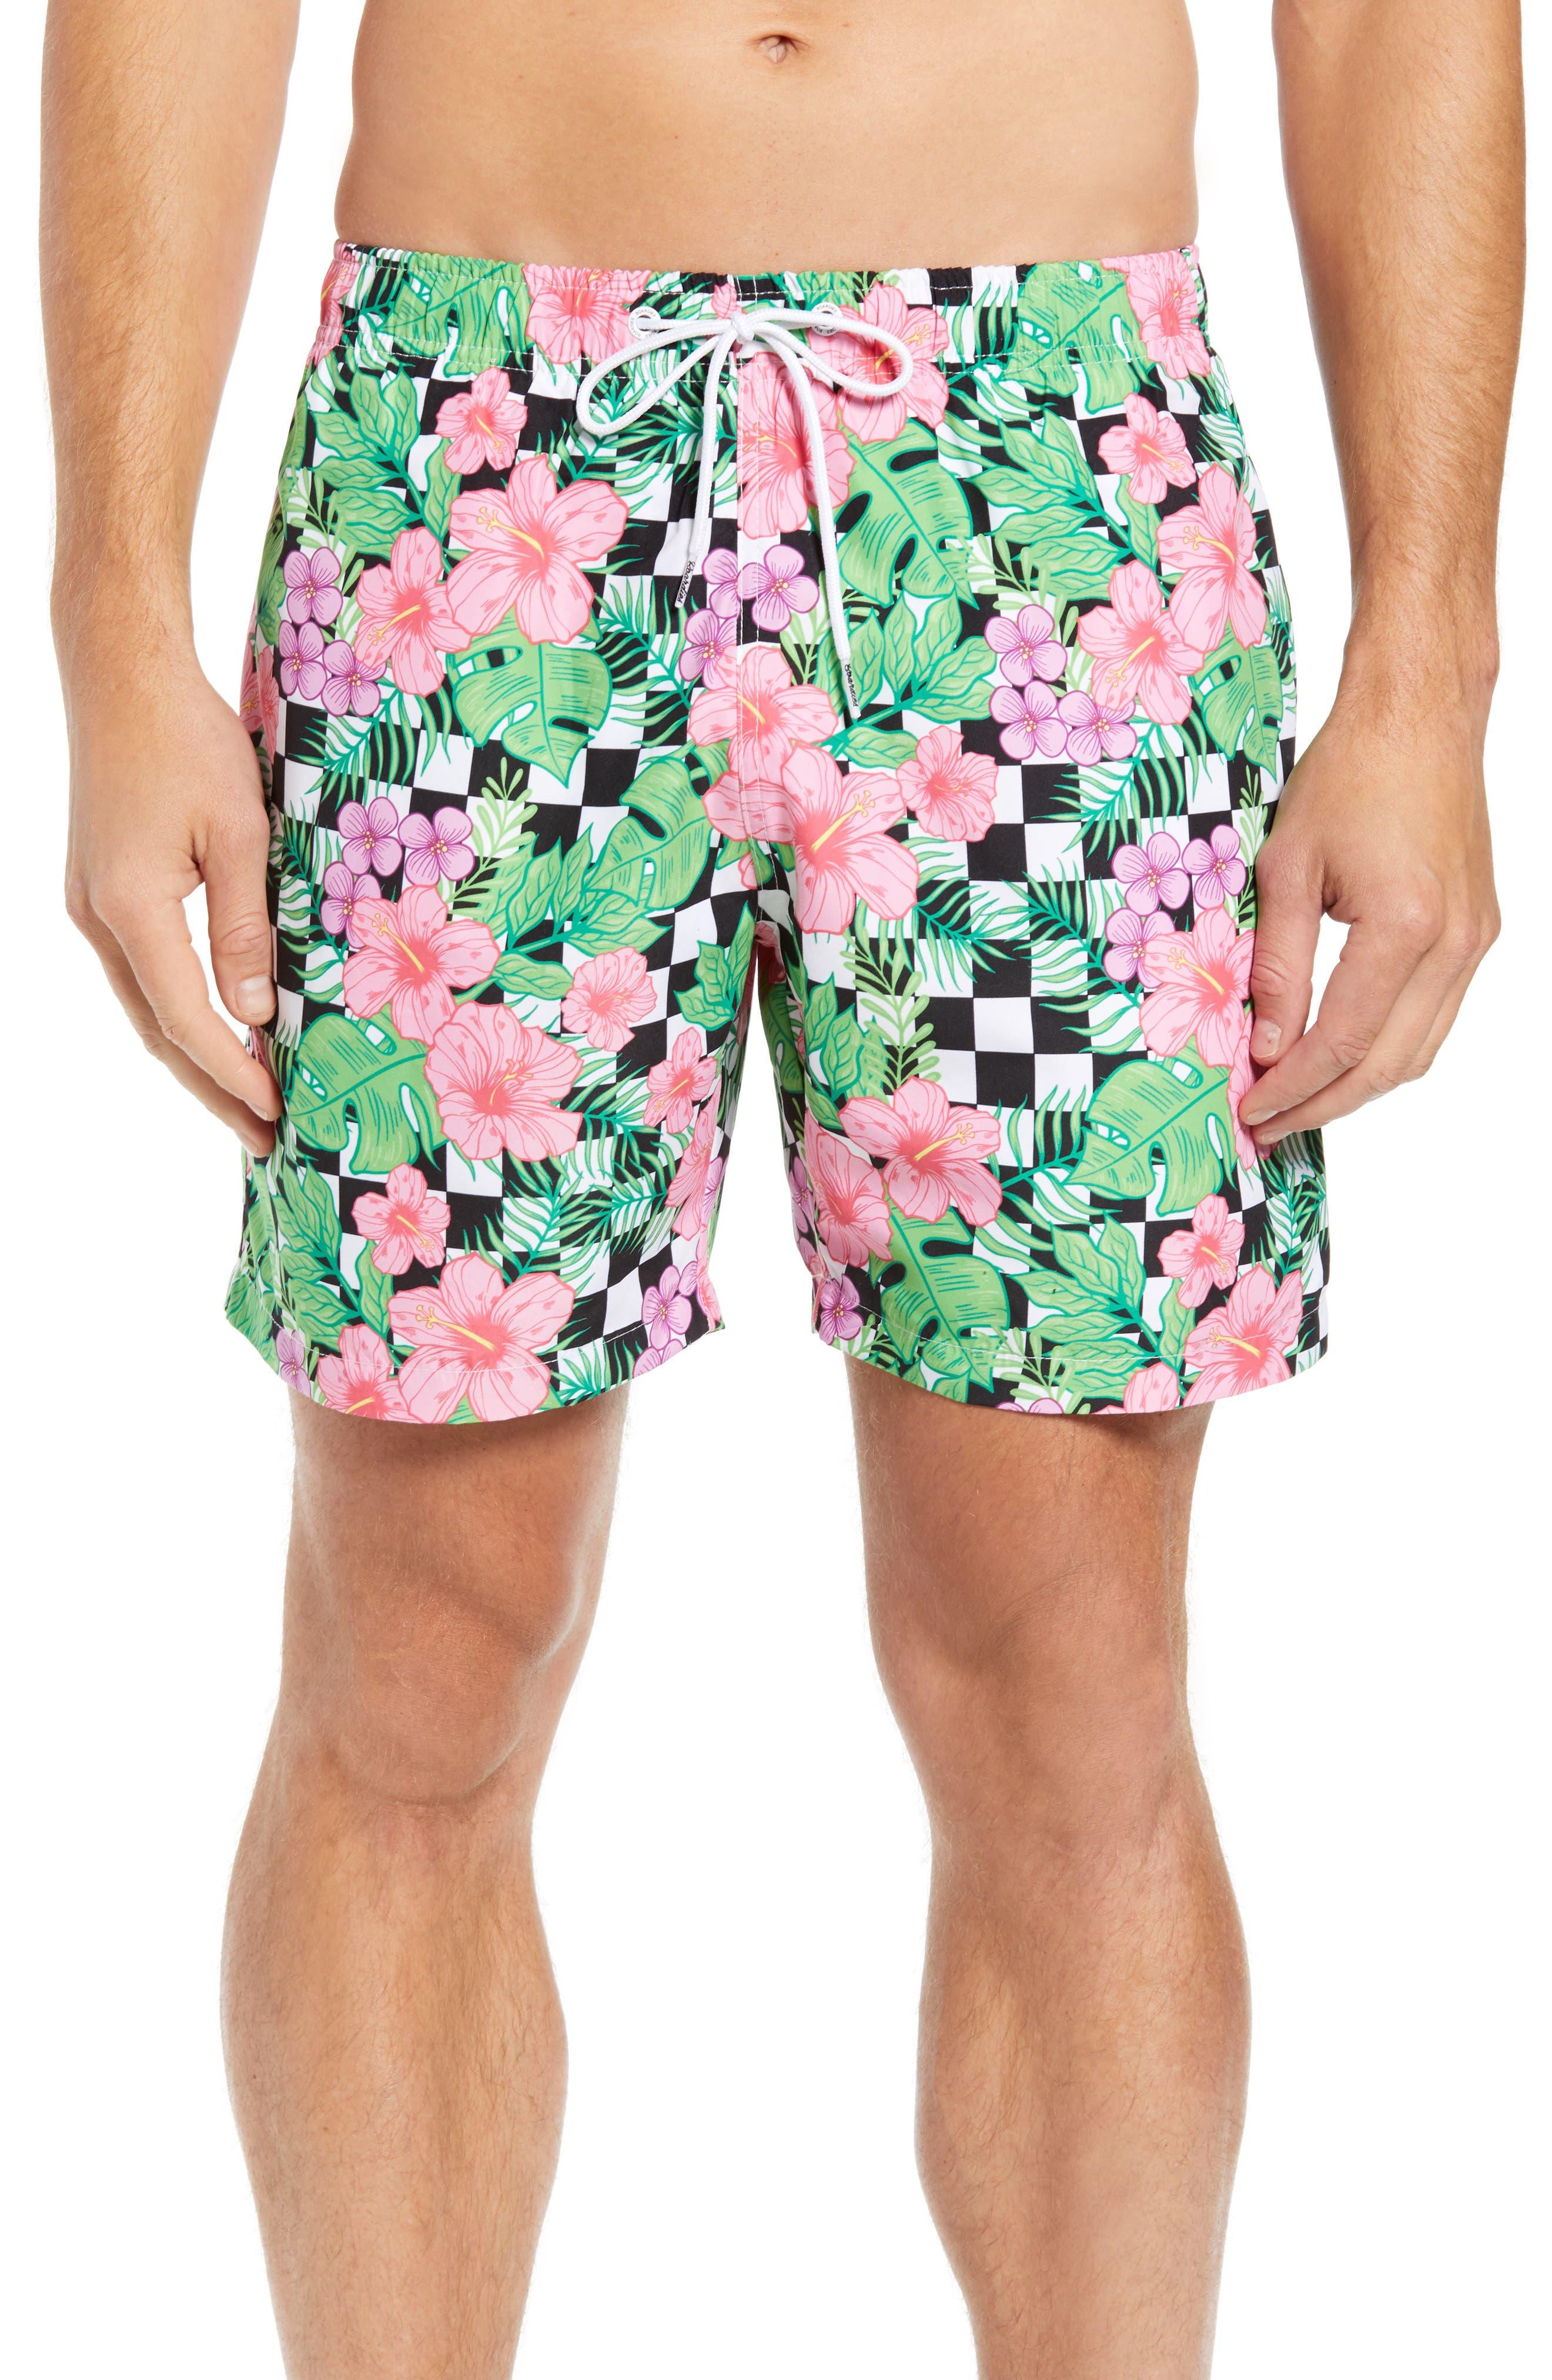 Checkerboard Floral Print Swim Trunks,                         Main,                         color, MULTI